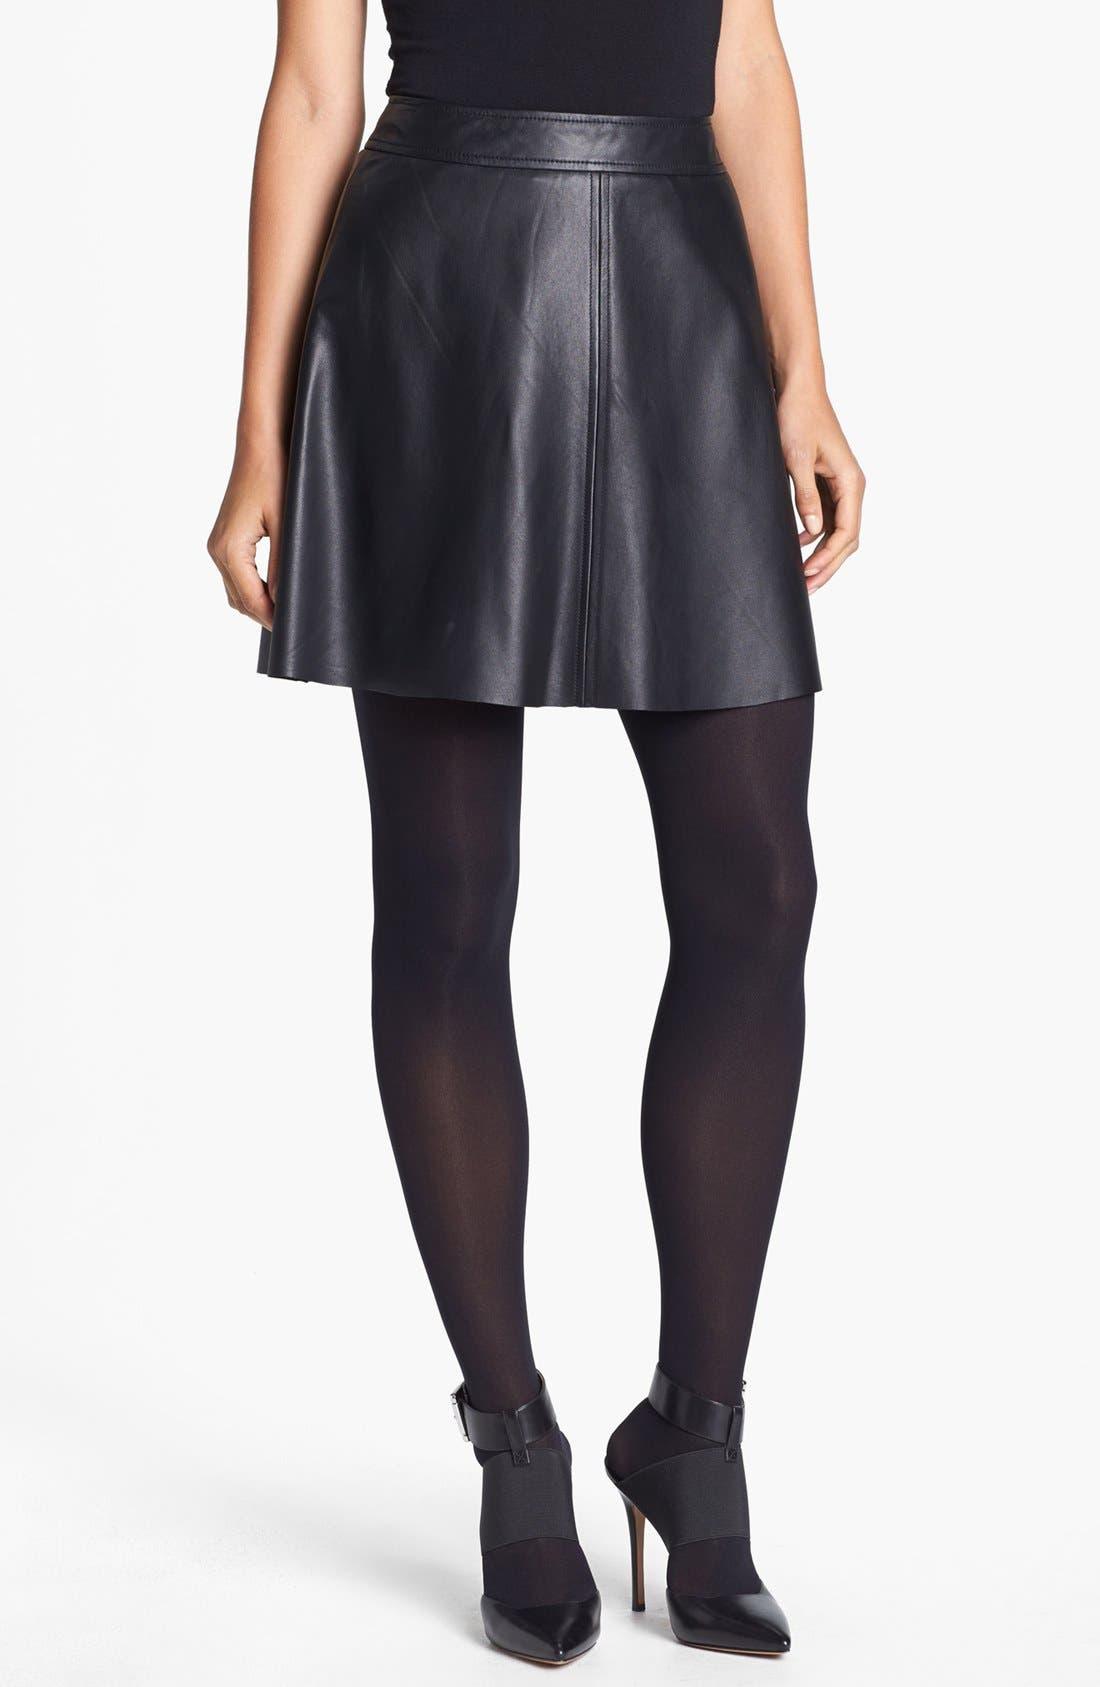 Alternate Image 1 Selected - Trina Turk 'Lanni' Leather Flare Skirt